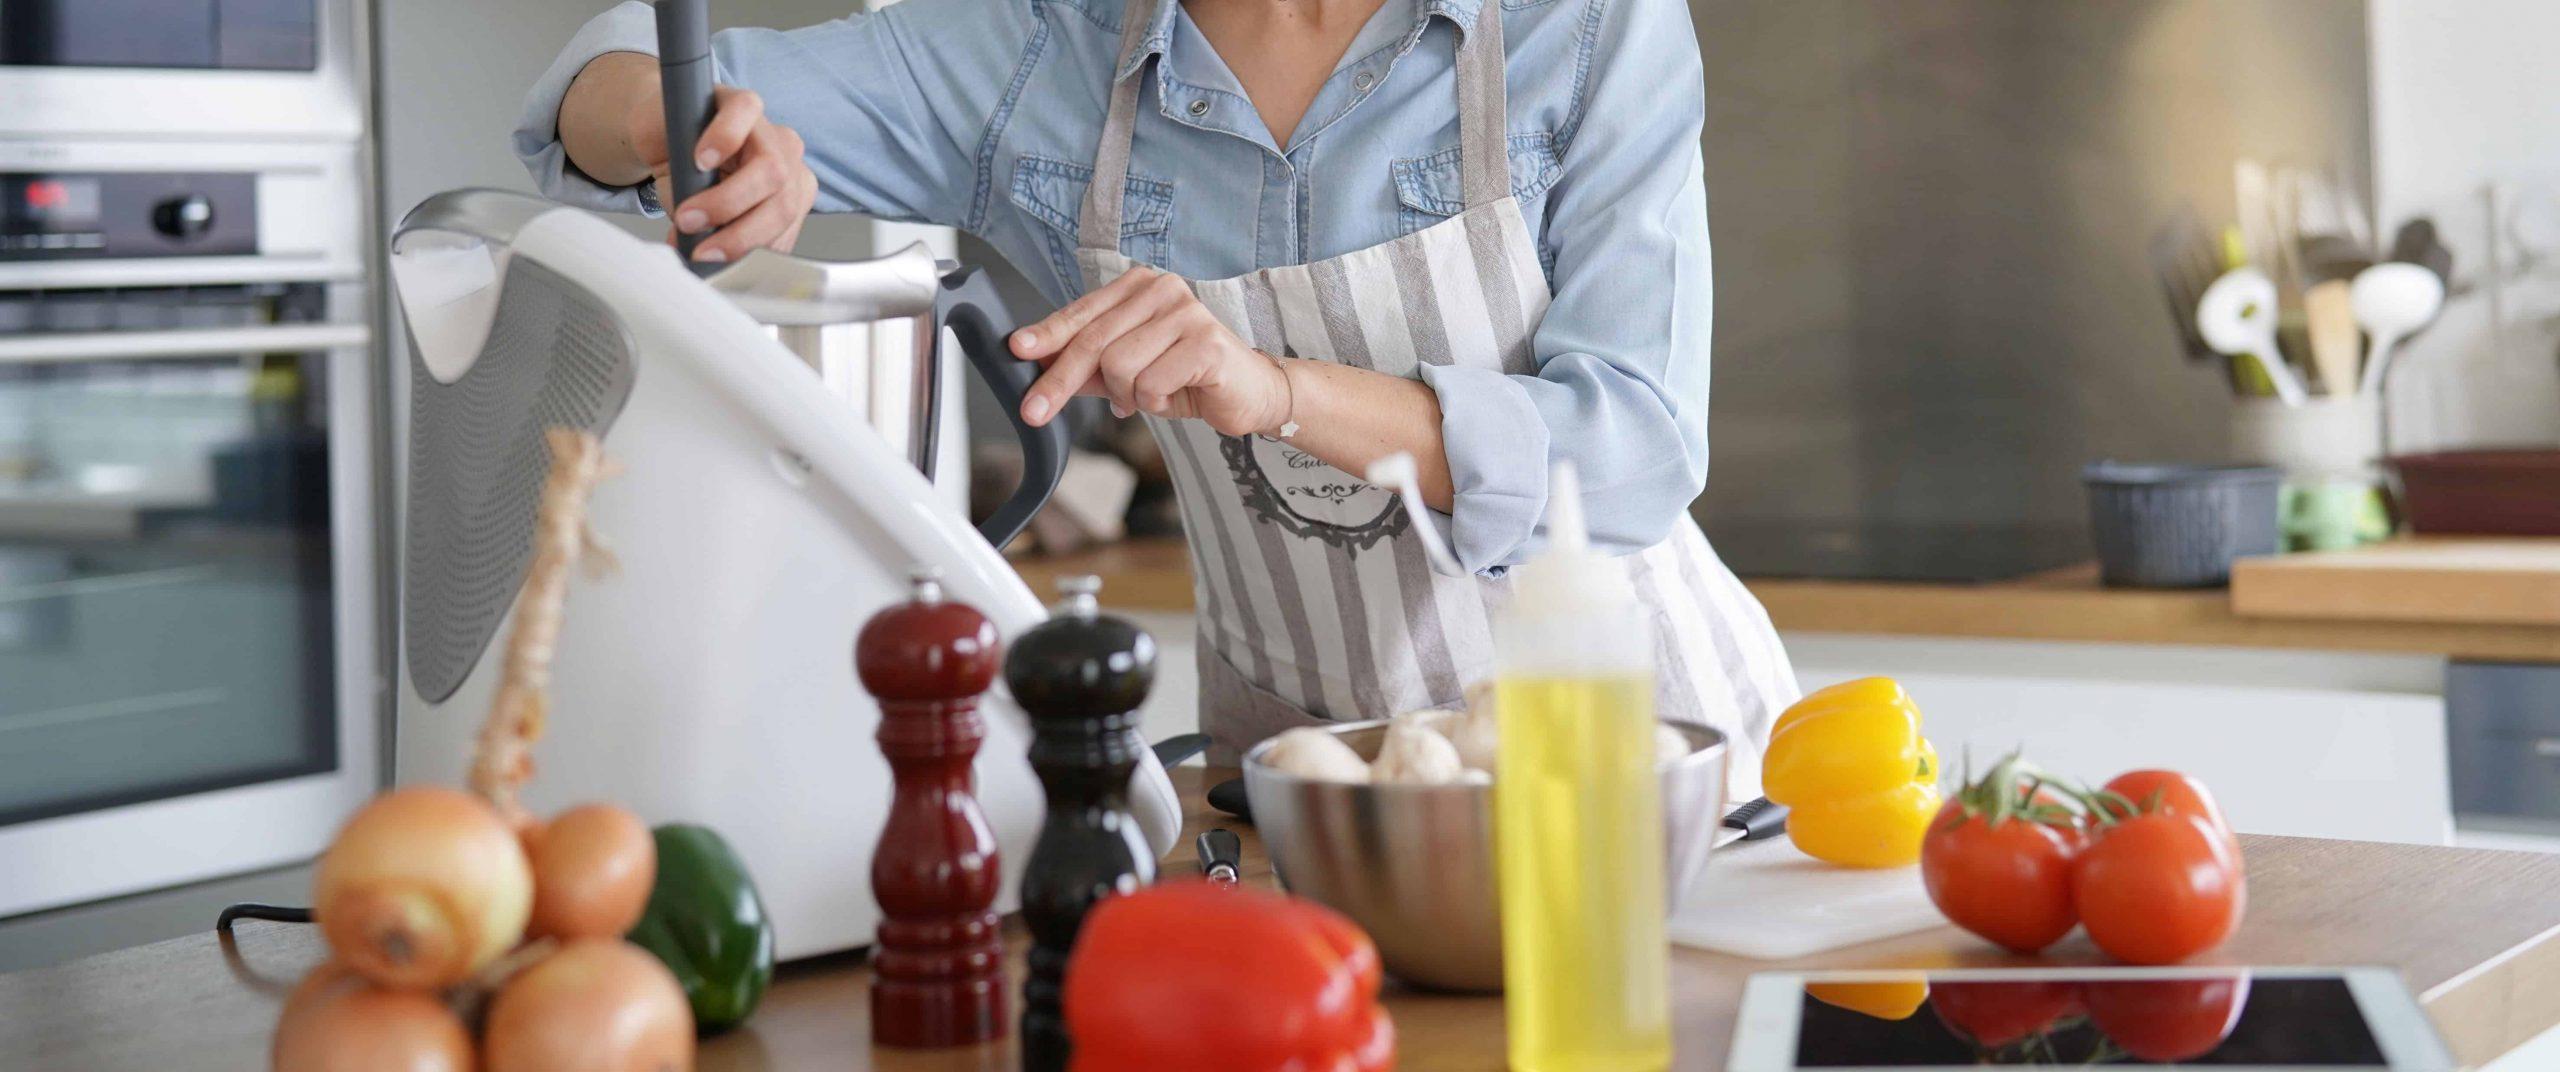 Miglior robot da cucina multifunzione 2020: Guida all'acquisto